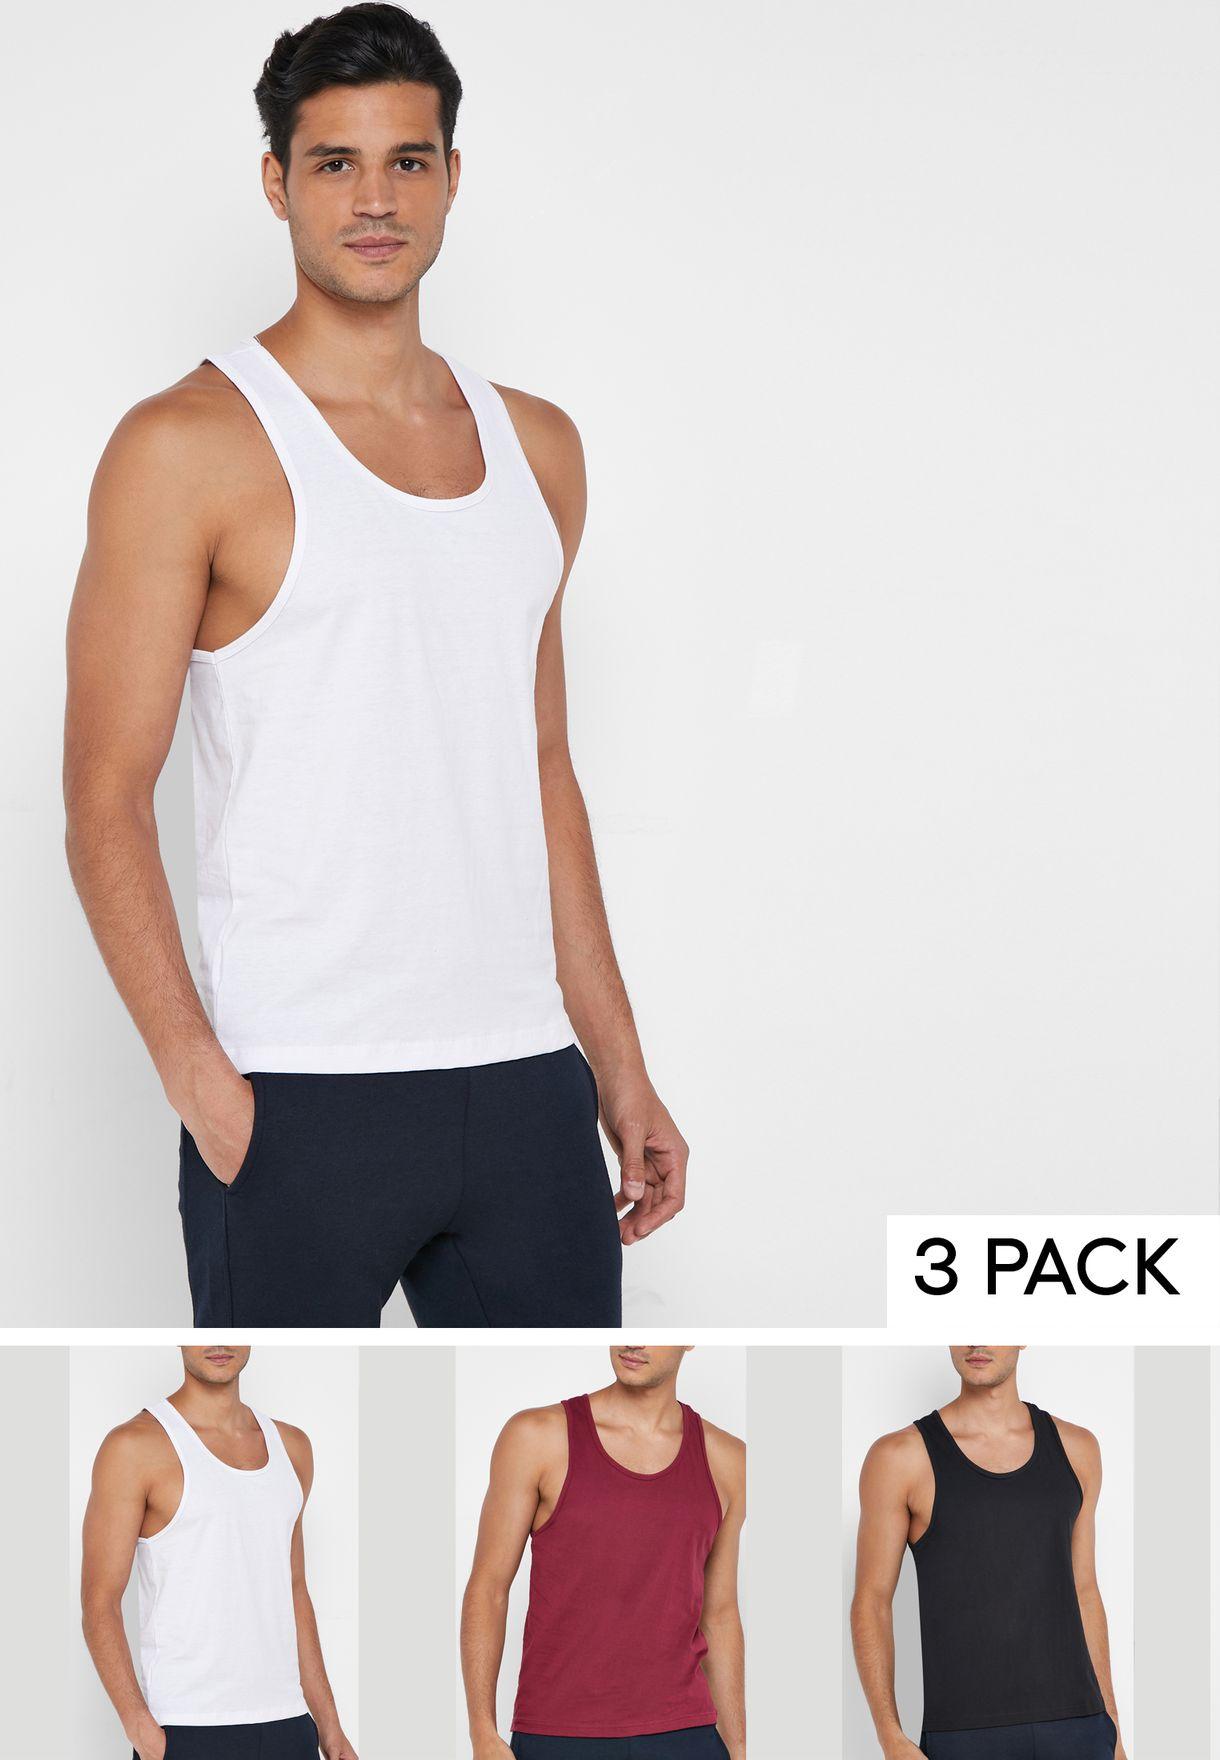 3 Pack Vests